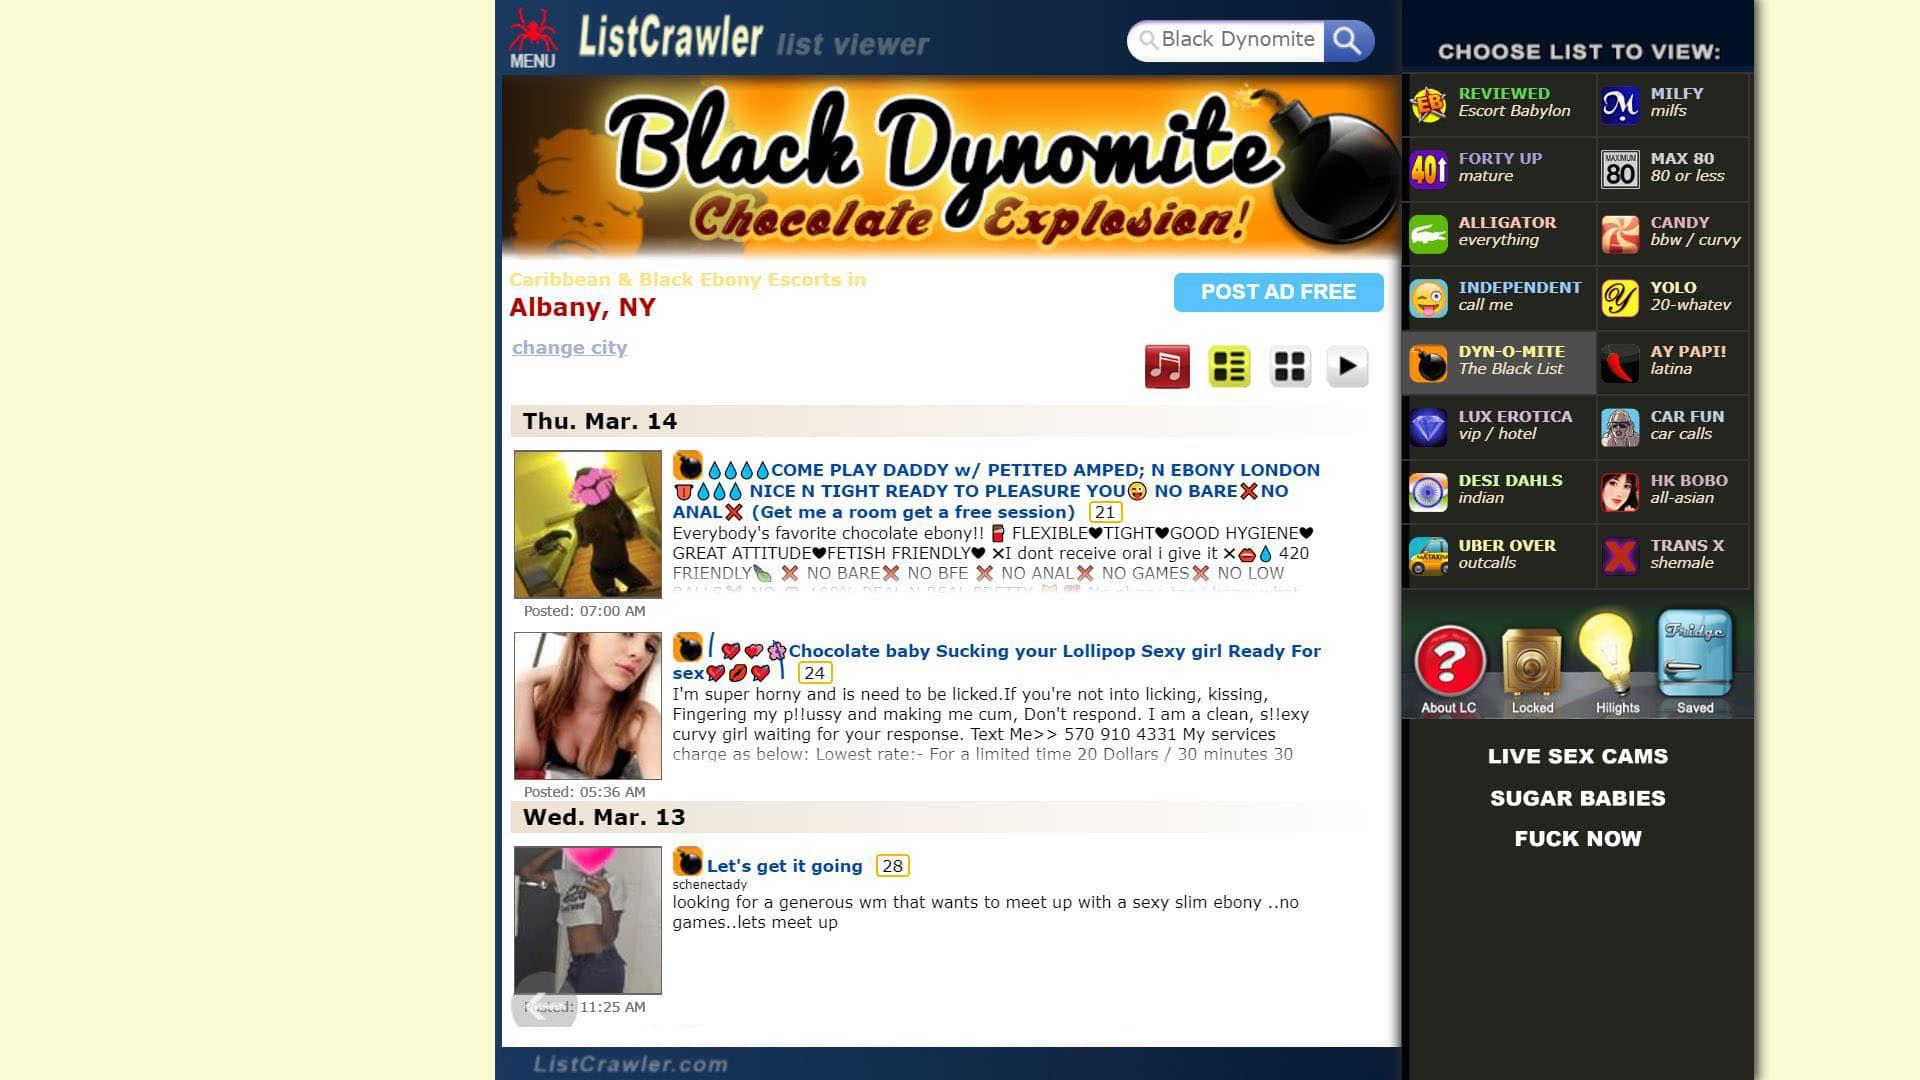 Listcrawler Black Dynomite